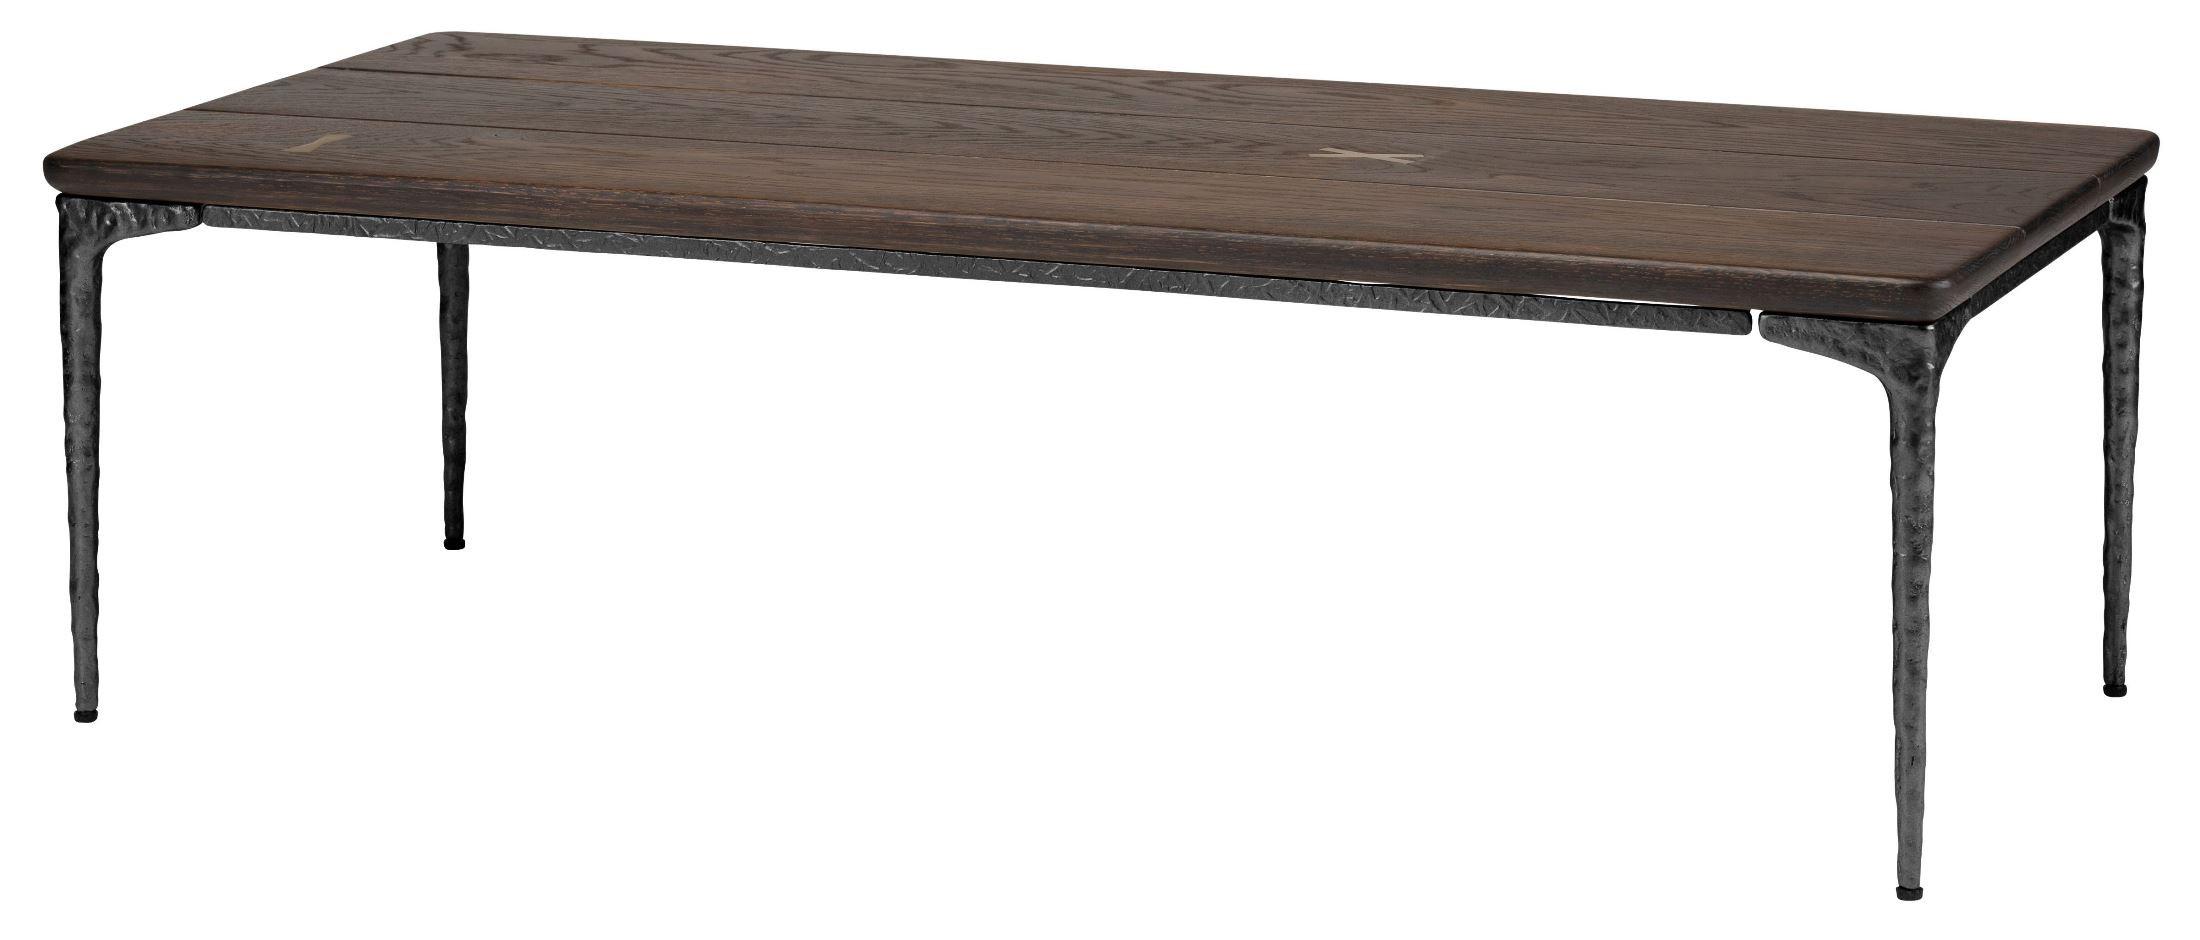 Kulu Seared Wood Coffee Table Hgsr627 Nuevo